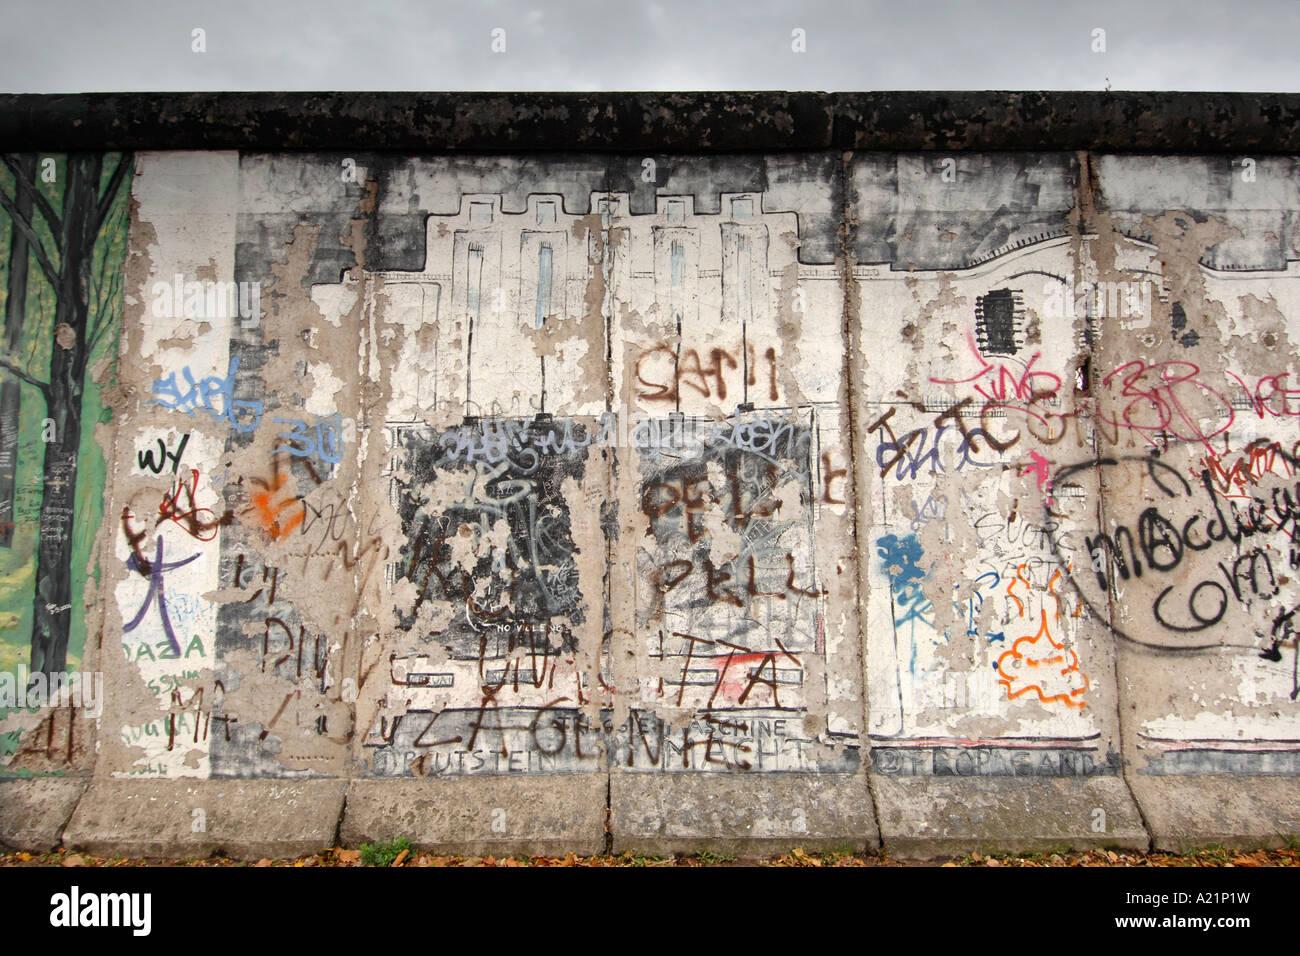 Die East Side Gallery, eine erhaltene Gedenk Abschnitt der Berliner Mauer in Deutschland. Stockbild